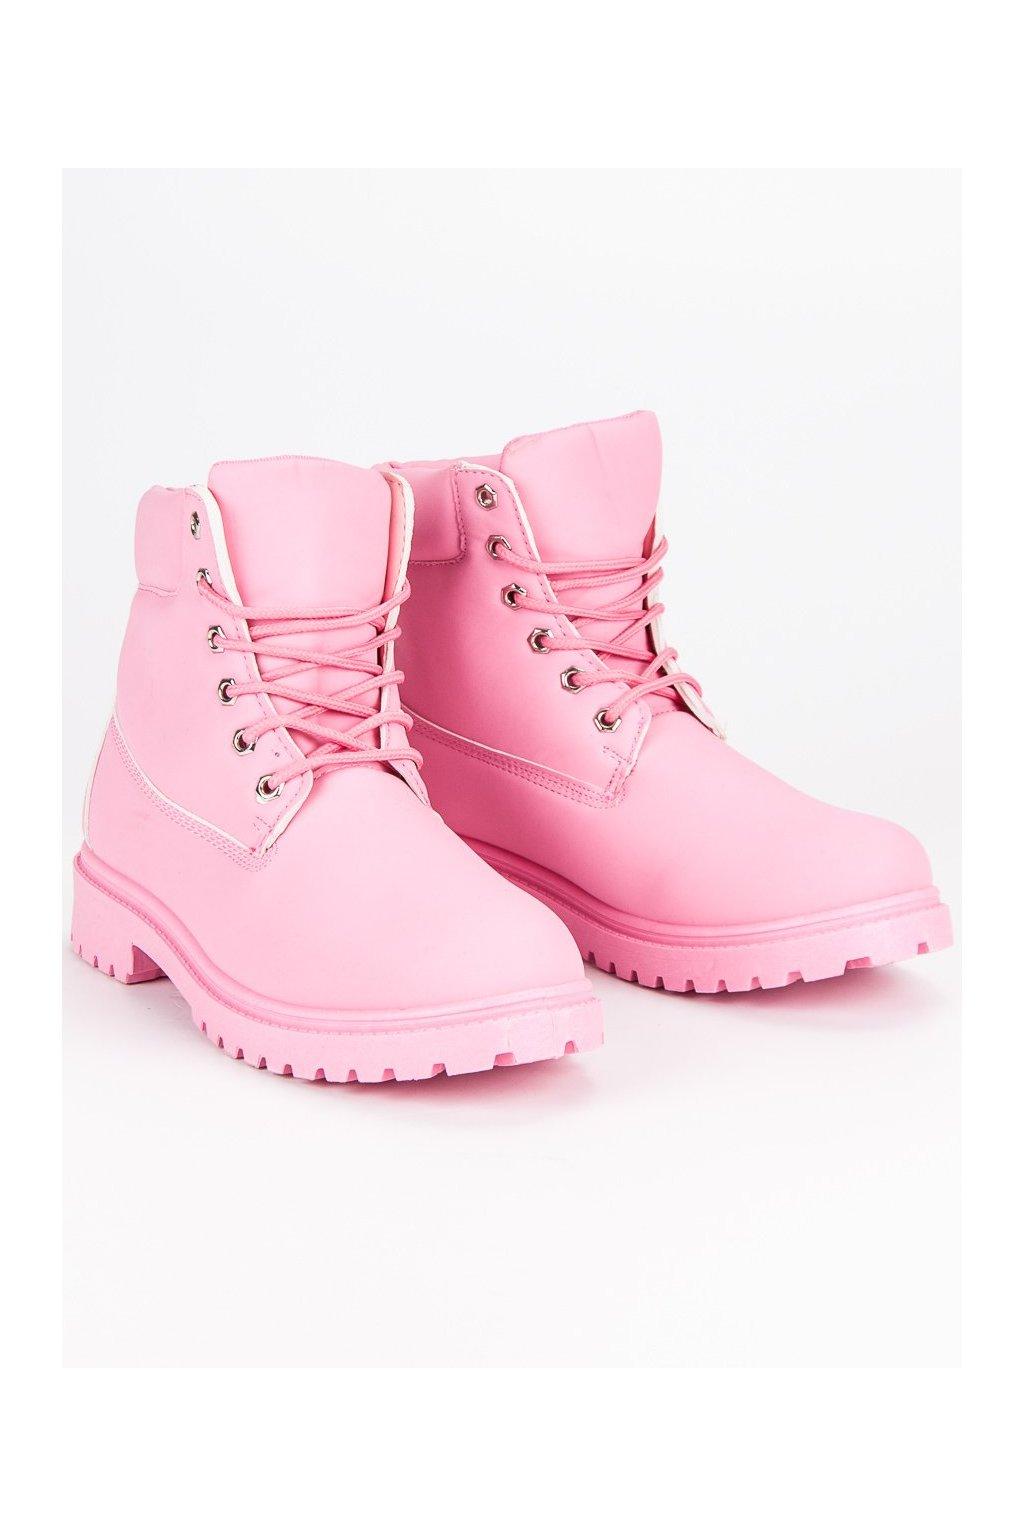 Pastelové dámske topánky na zimu traperky ružové  7111f69b863